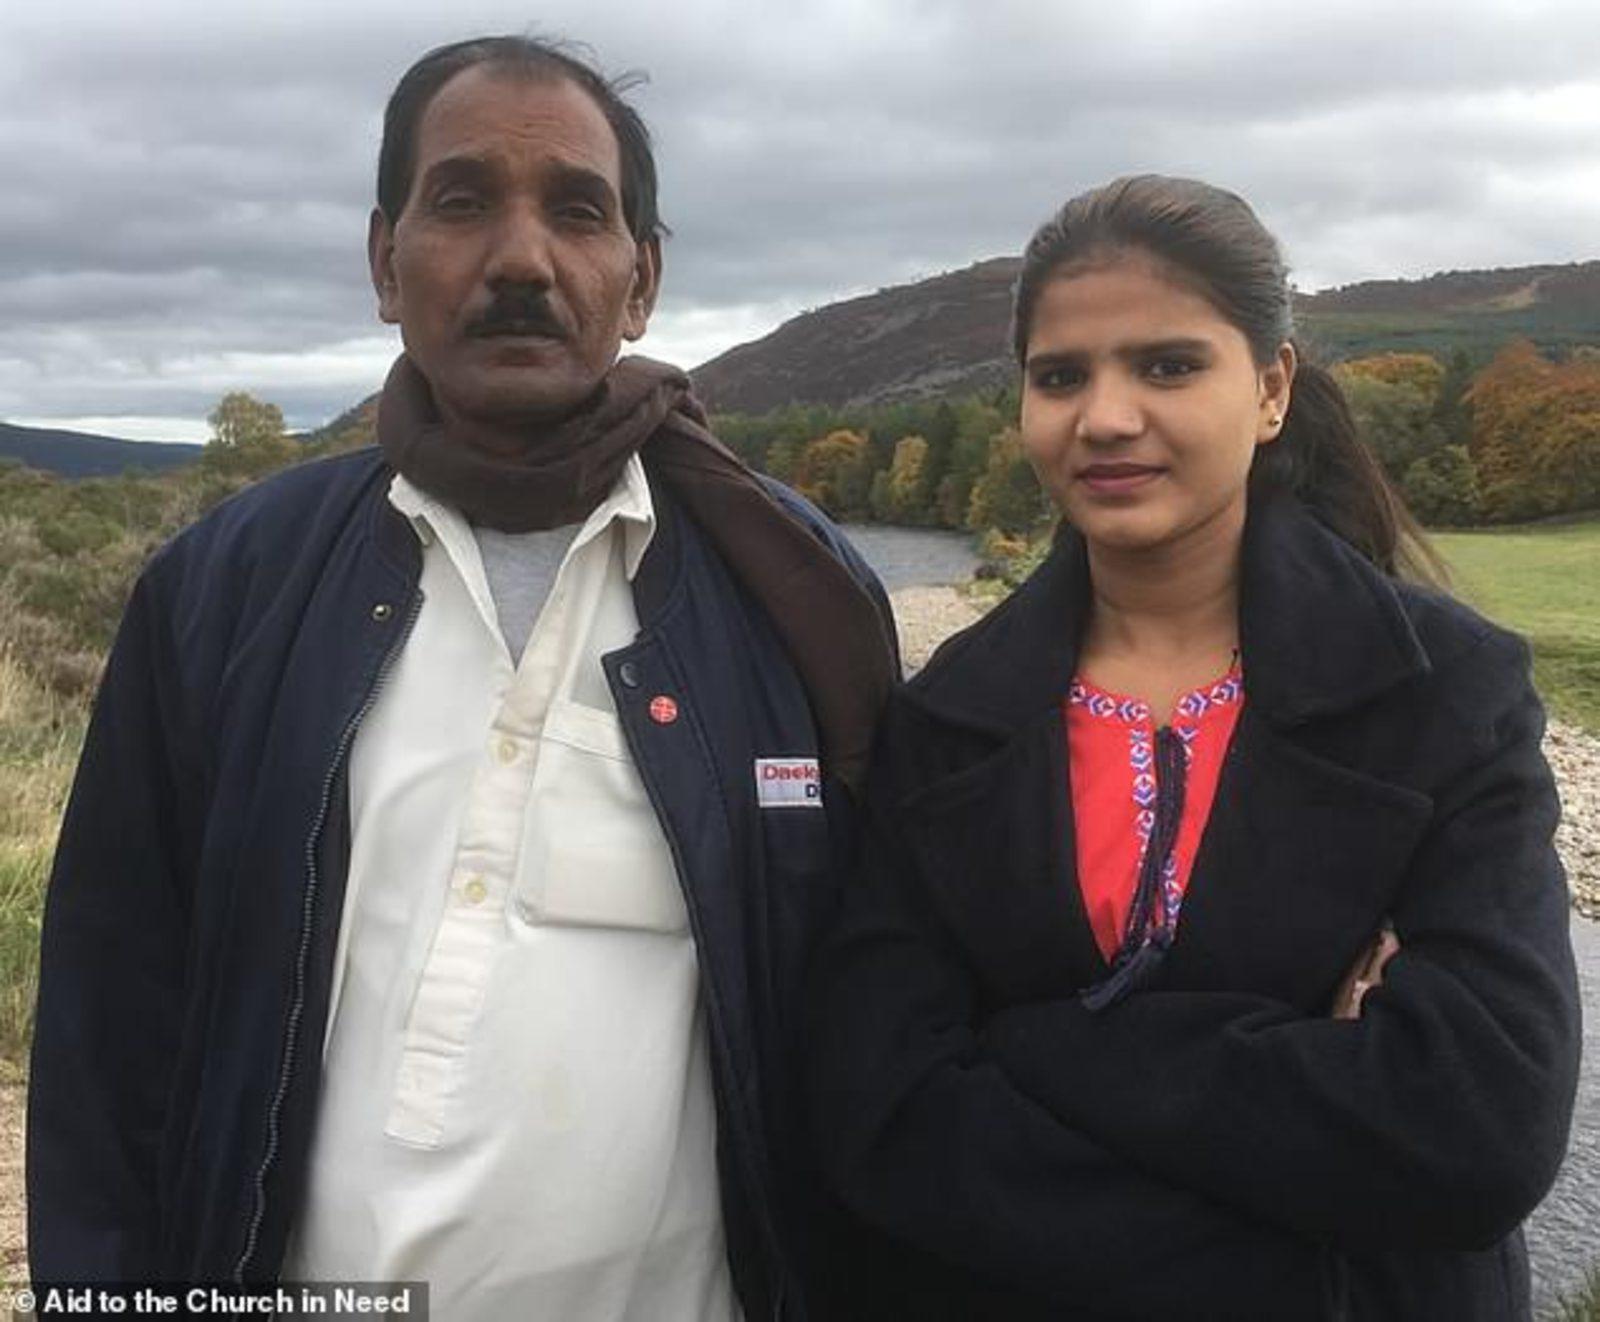 20181011-Ashiq-en-Ashiq-Masih-man-en-dochter-van-Asia-Bibi-in-Schotland